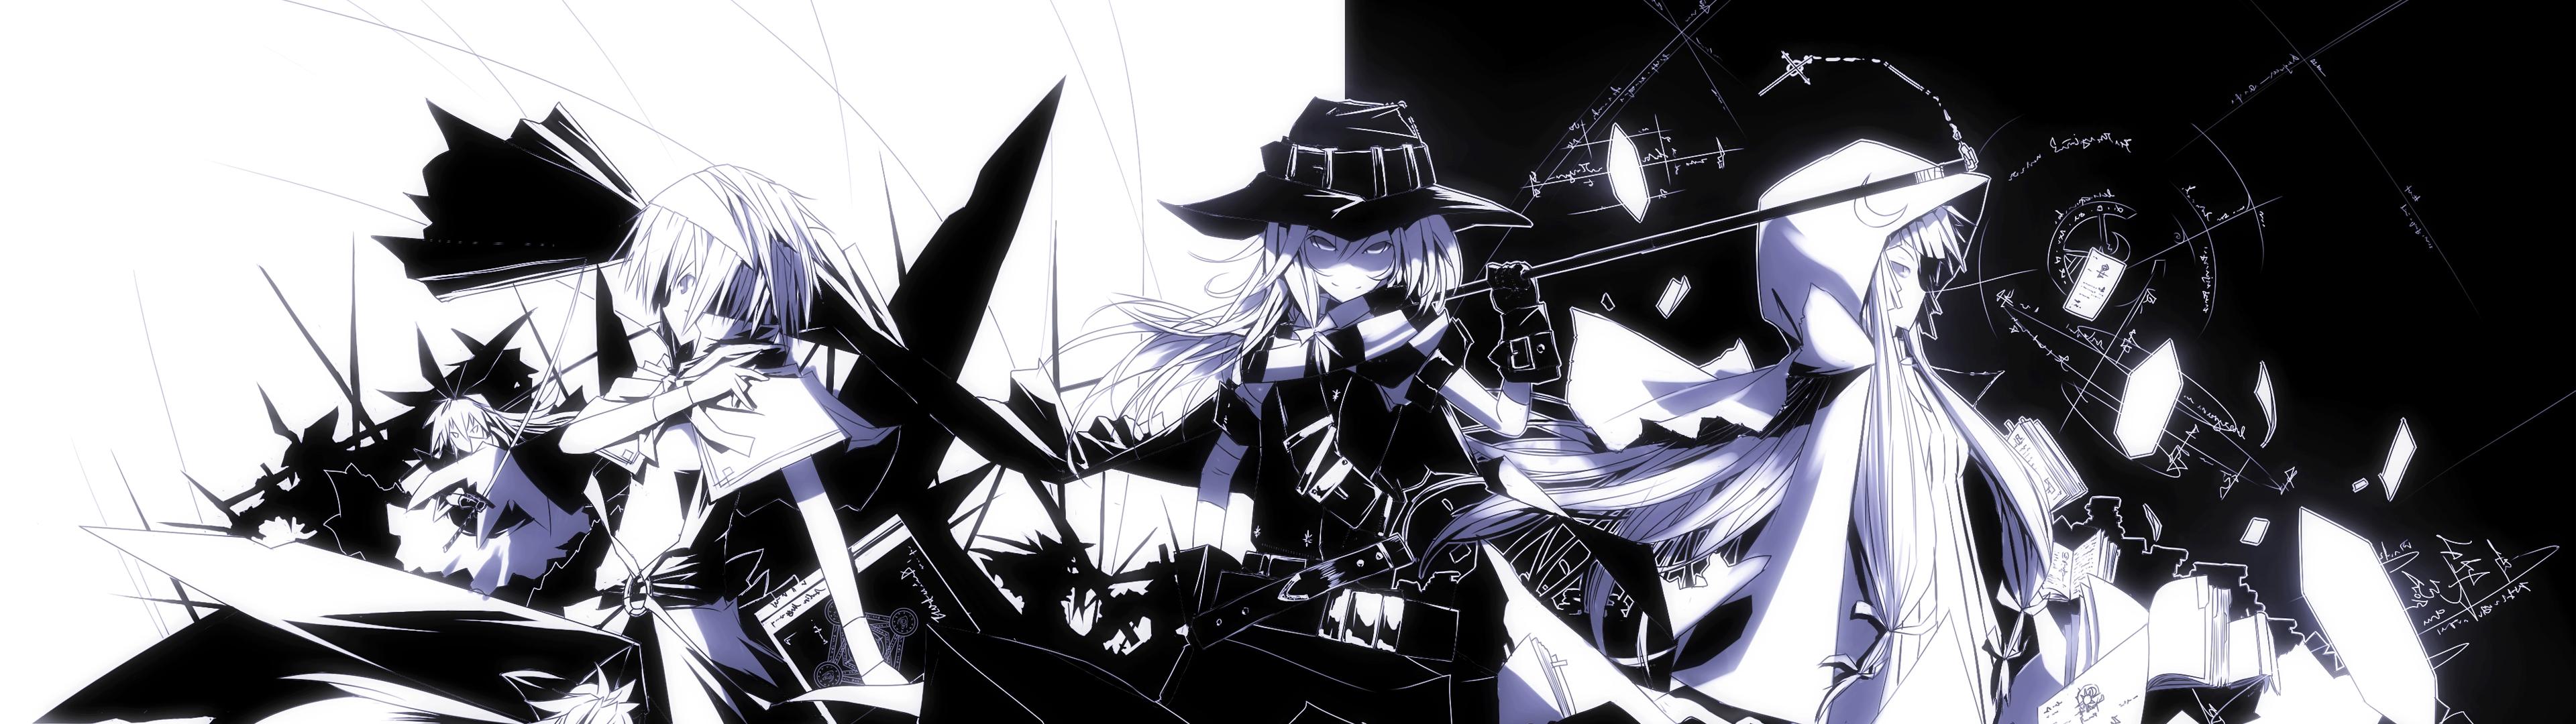 Dual Monitor Anime Wallpaper - WallpaperSafari